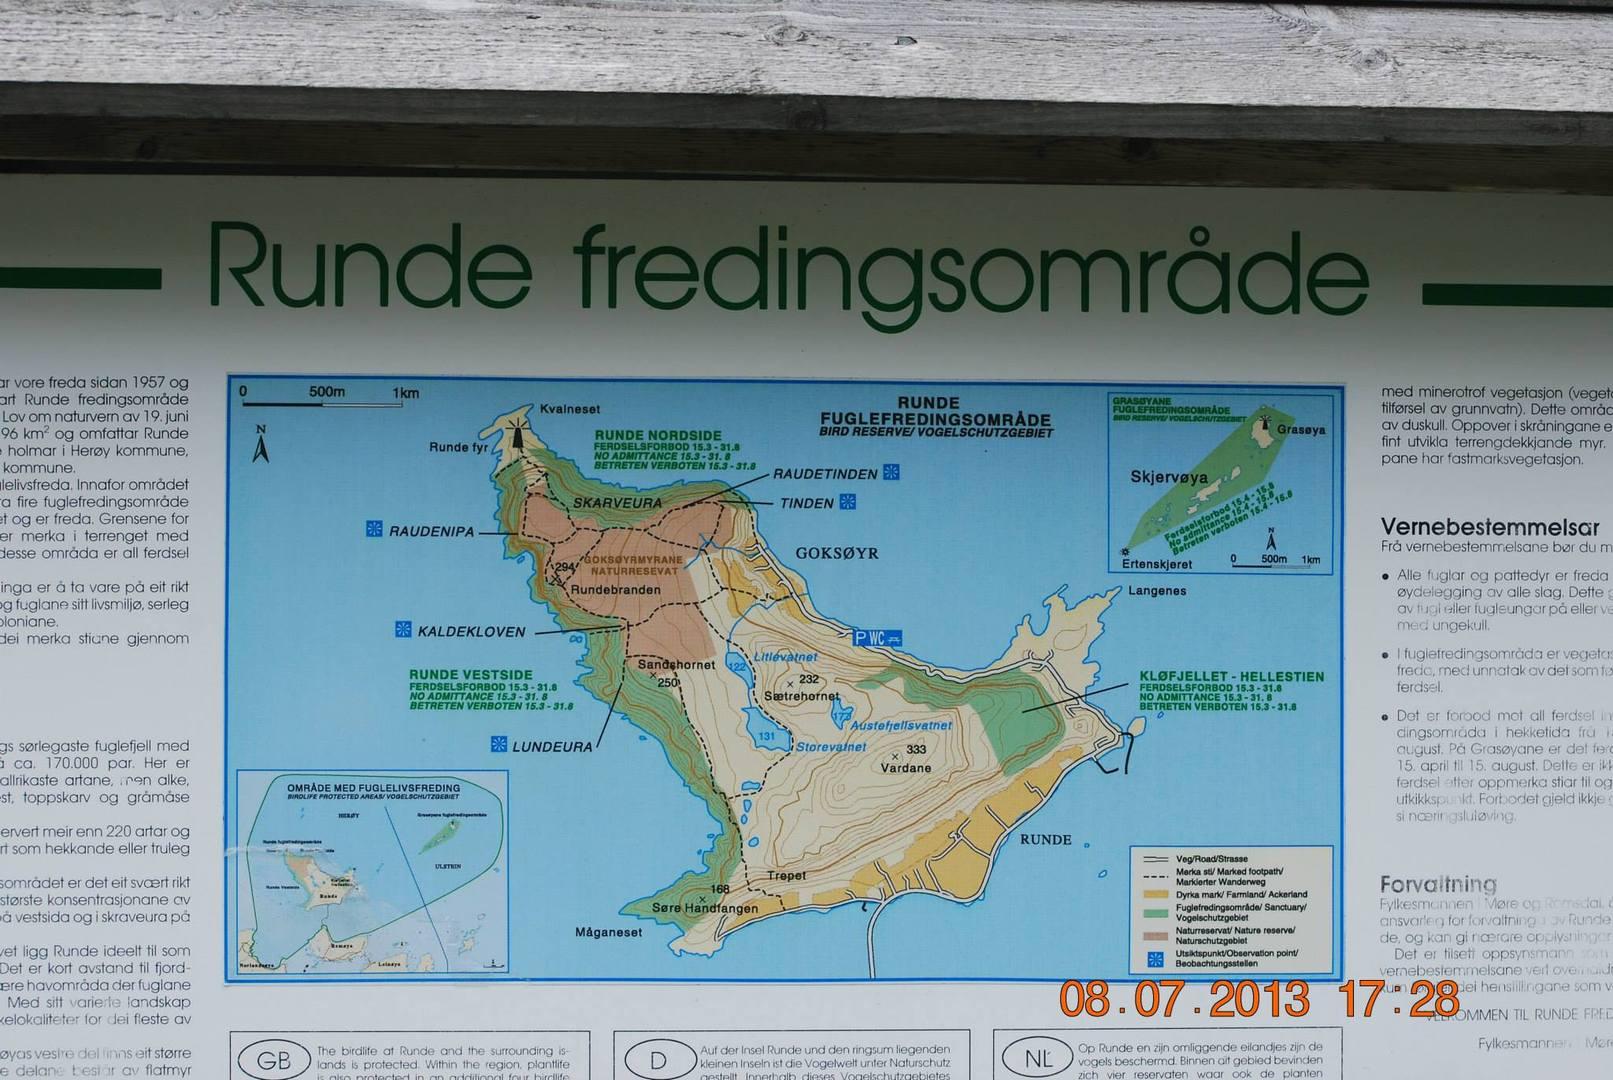 מפת האי Runde